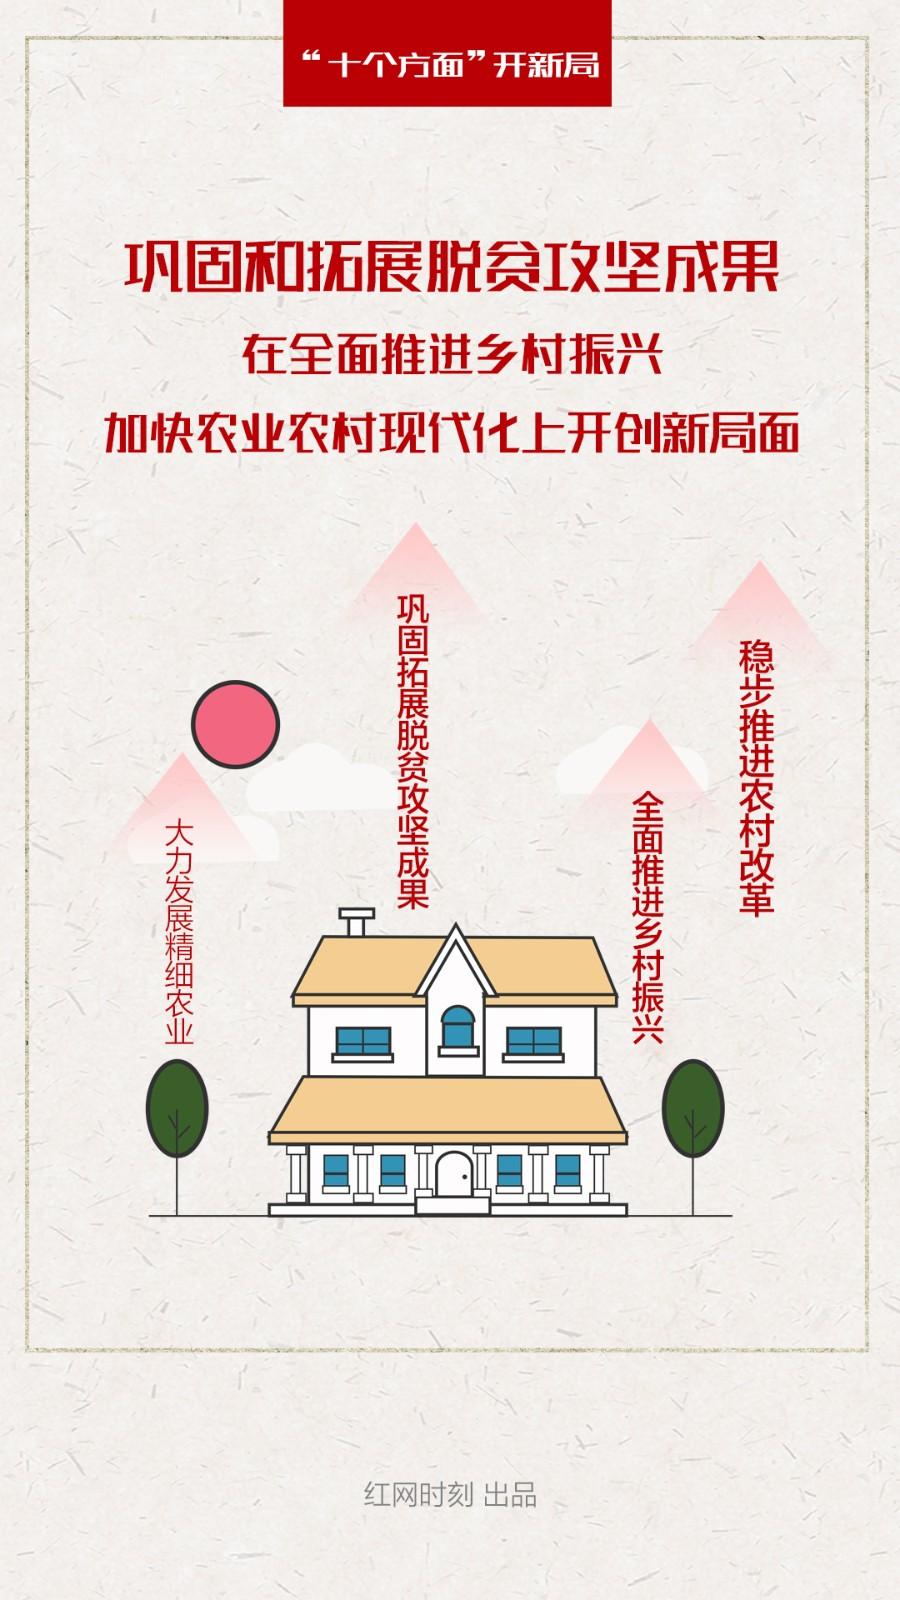 20201231十个重点海报设计稿008.jpg